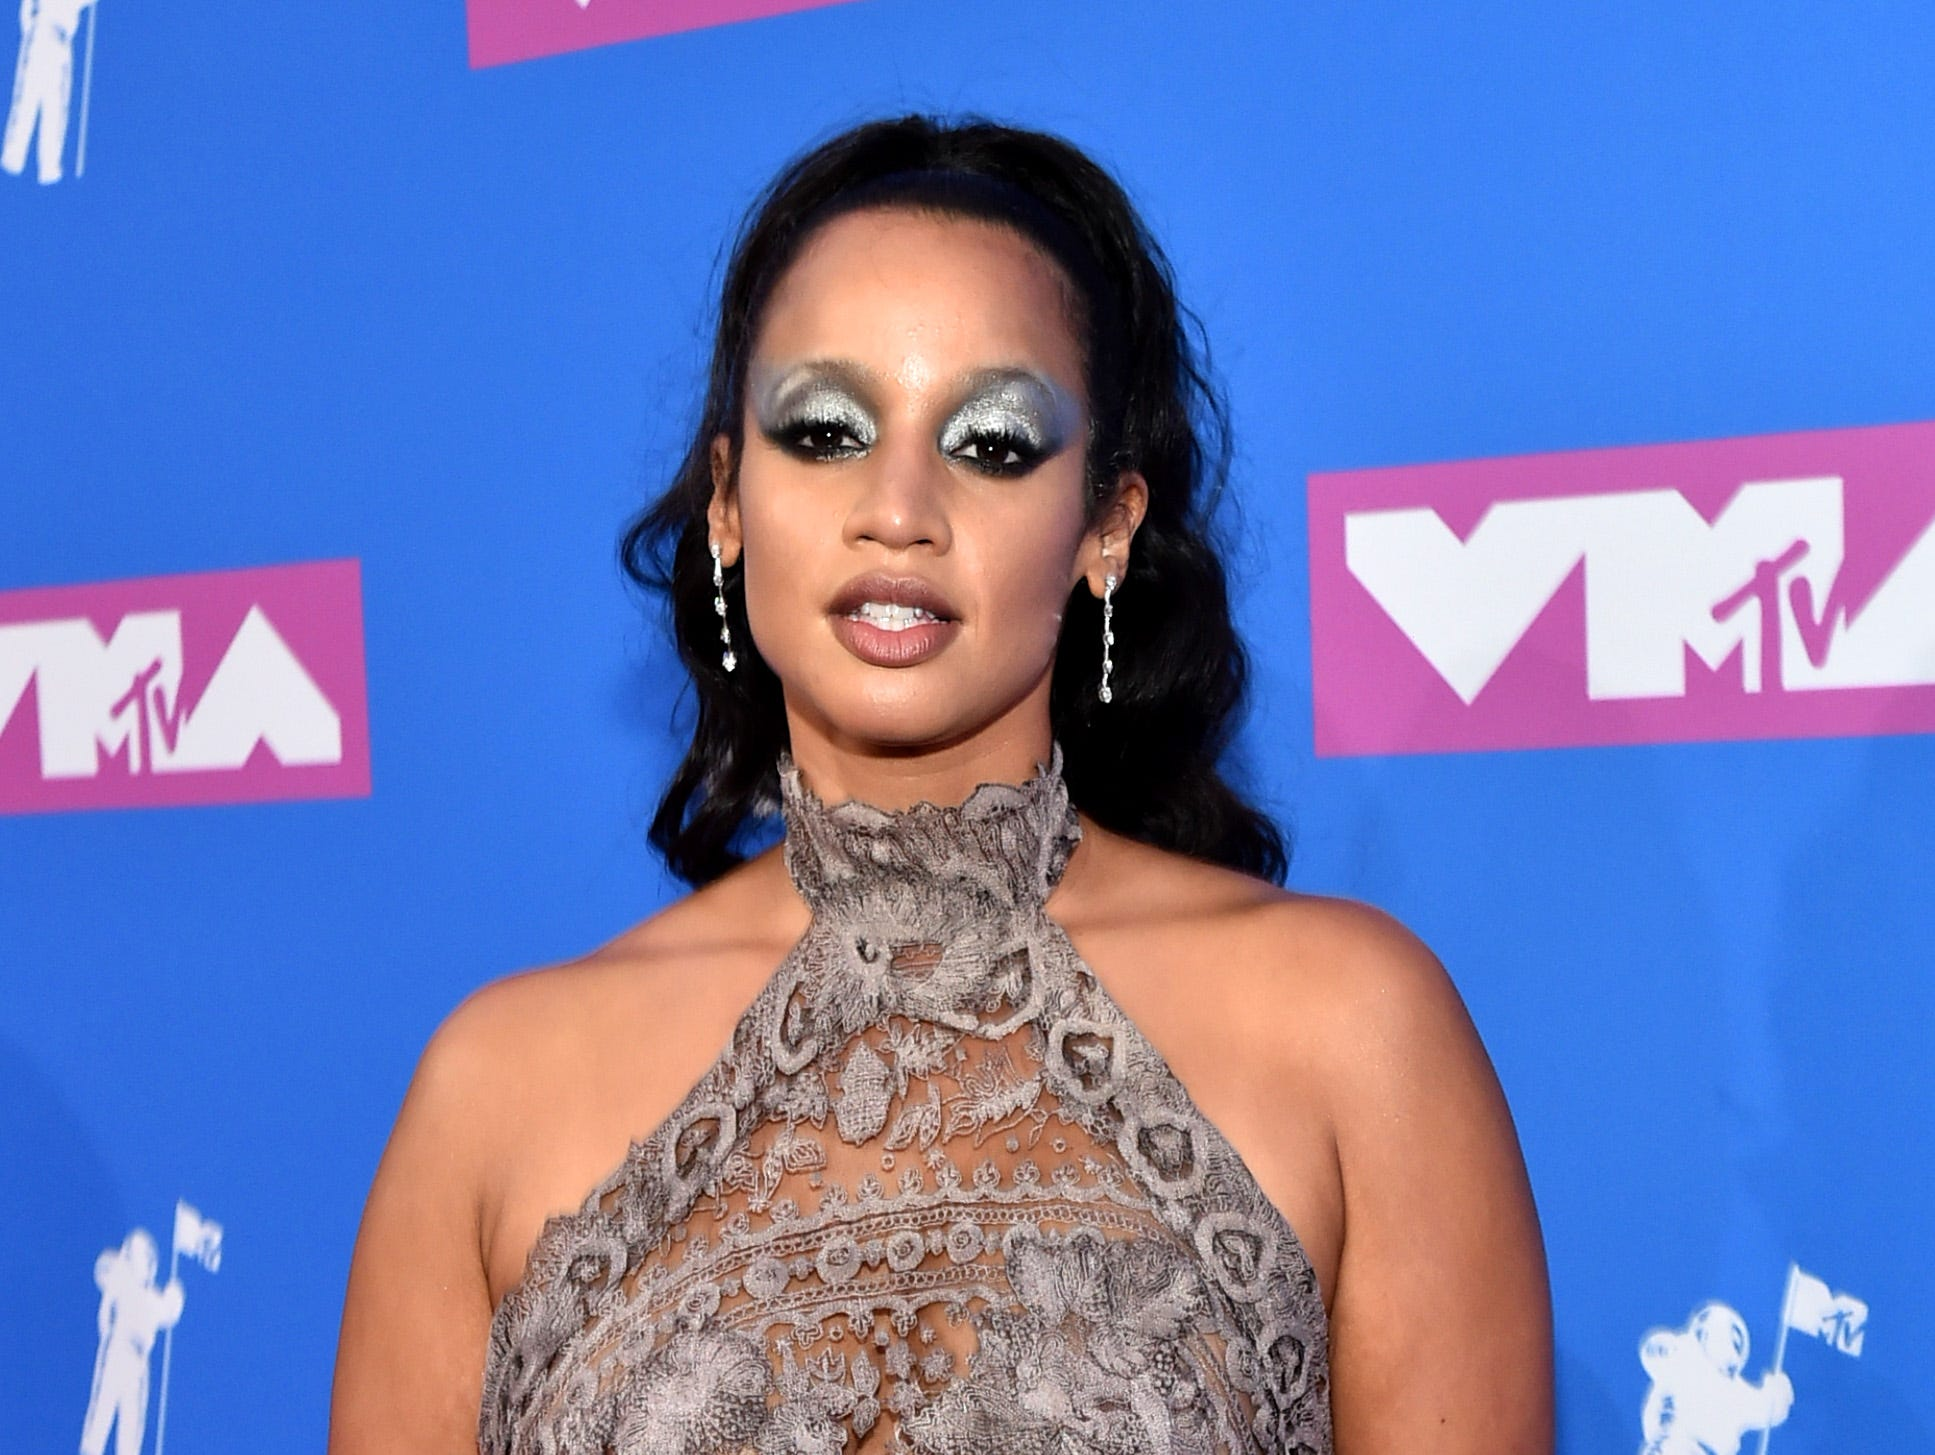 Dascha Polanco asiste a los MTV Video Music Awards 2018 en el Radio City Music Hall el 20 de agosto de 2018 en la ciudad de Nueva York.